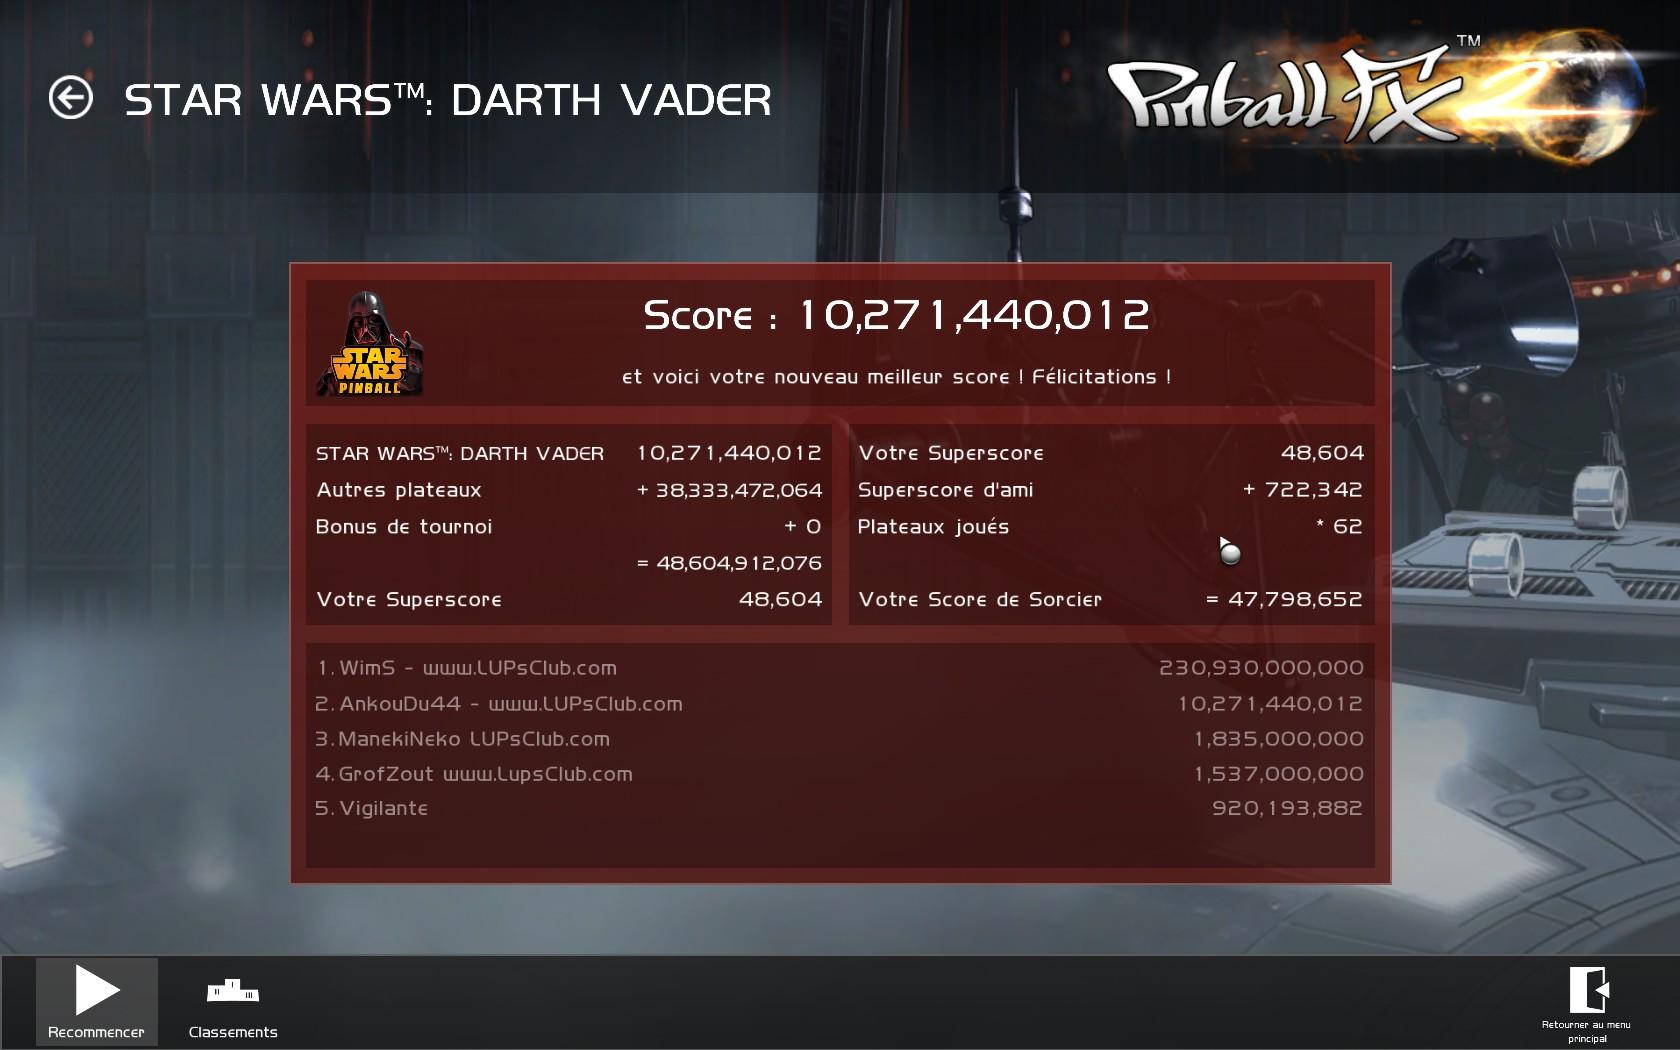 Darth Vader - Page 7 1A430715B911A8705CFFA6ABFF2A11BC2C854FF8